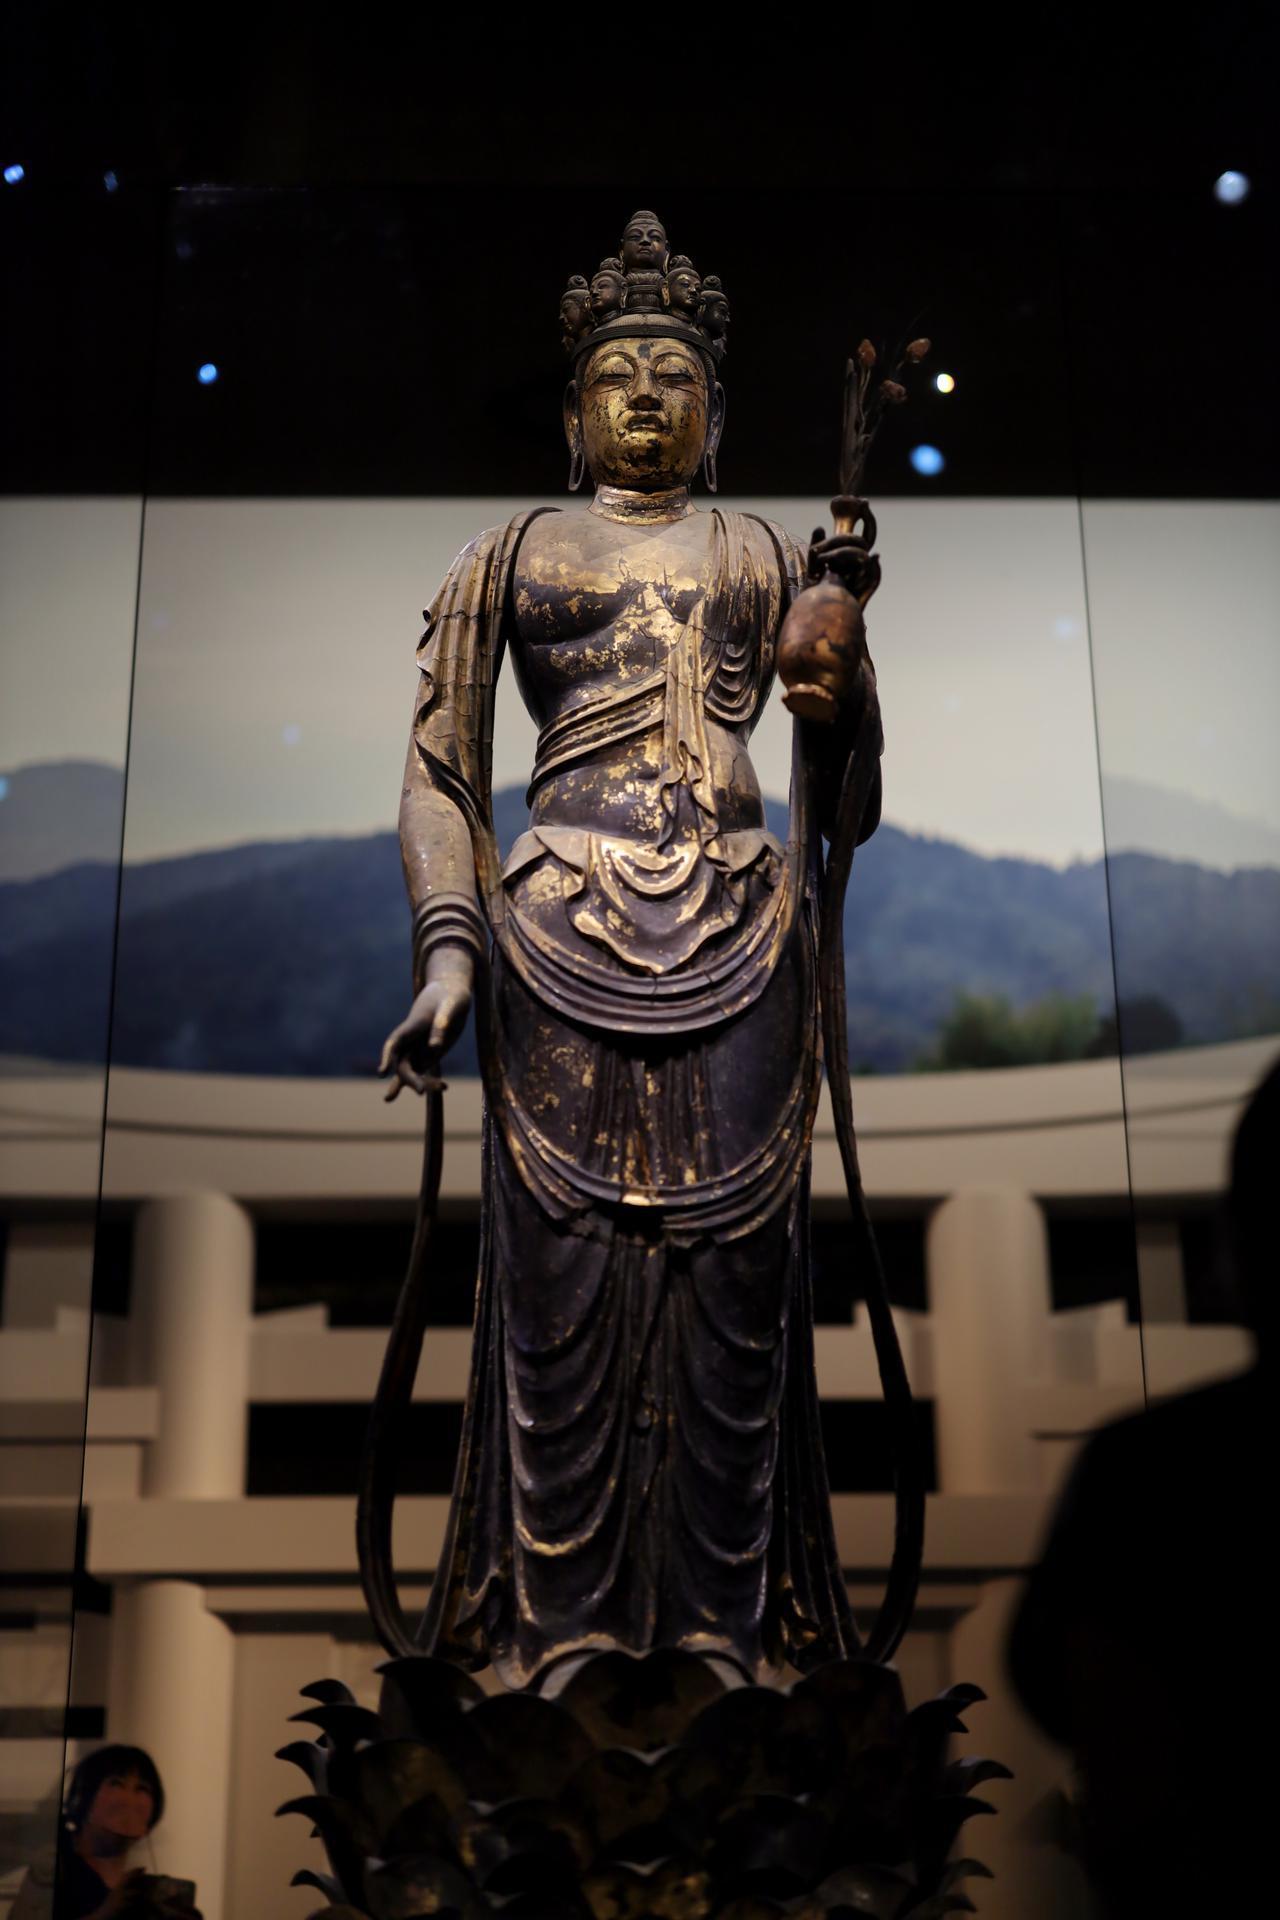 画像6: 国宝 十一面観音菩薩立像 奈良時代・8世紀 奈良・聖林寺蔵